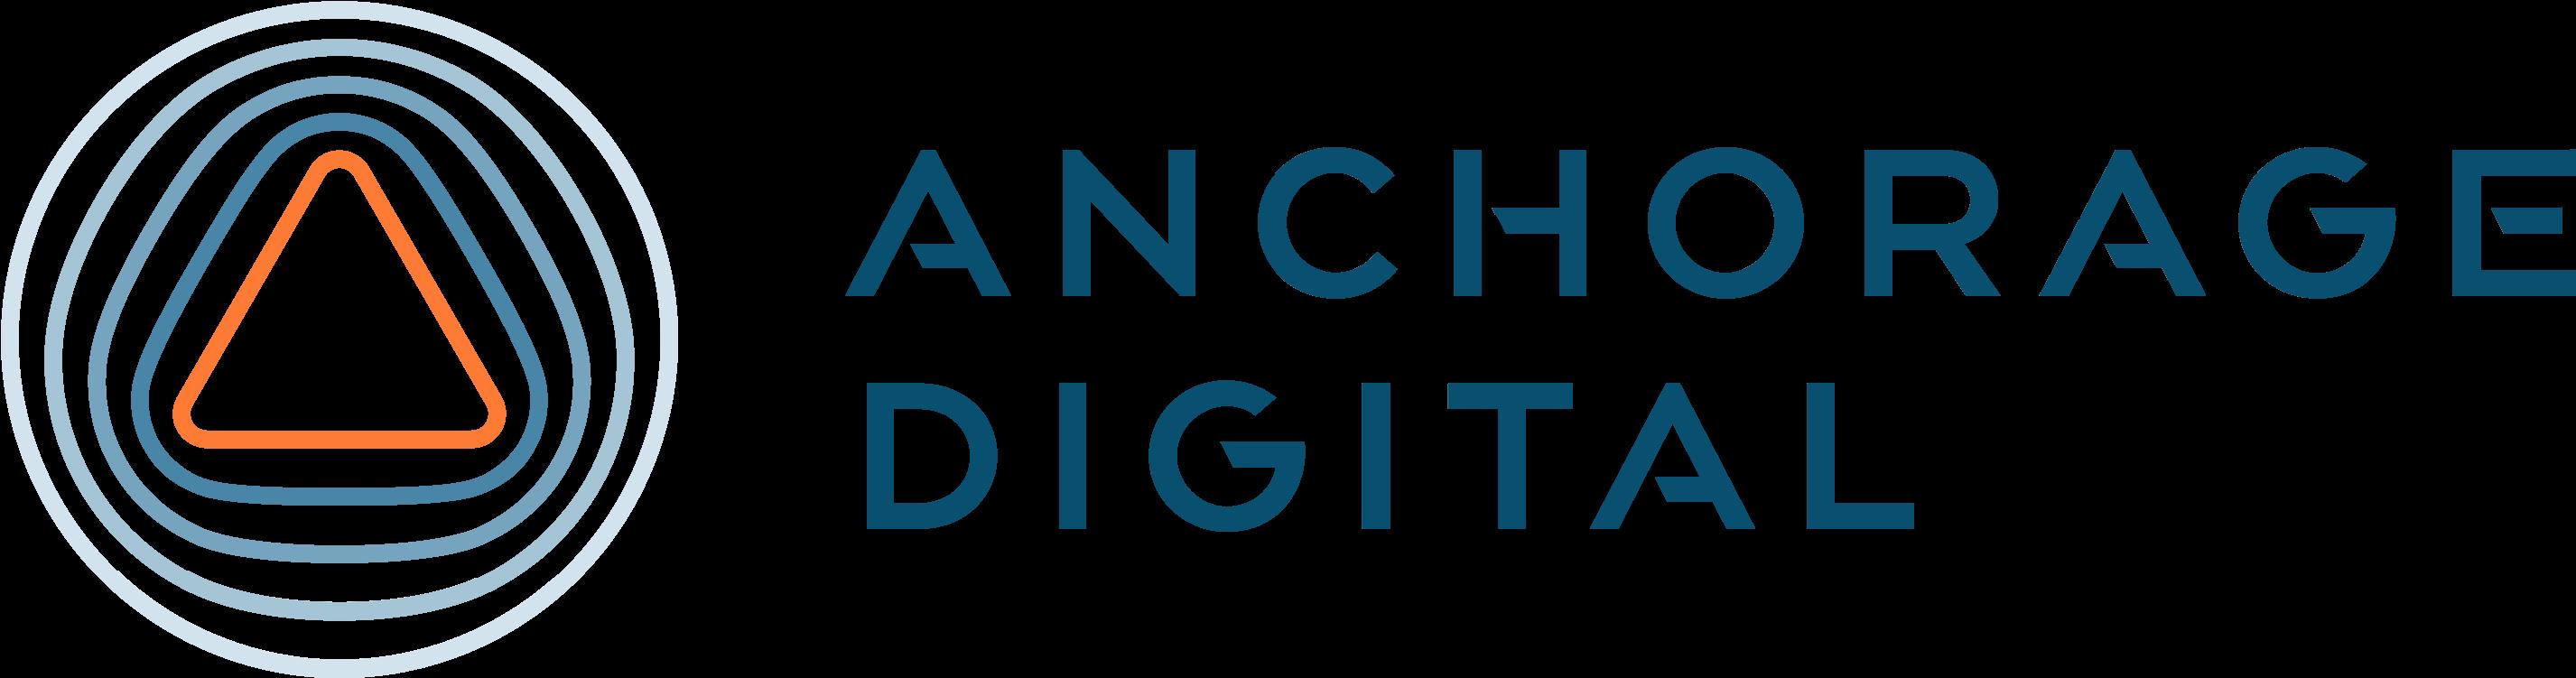 Anchorage Digital logo